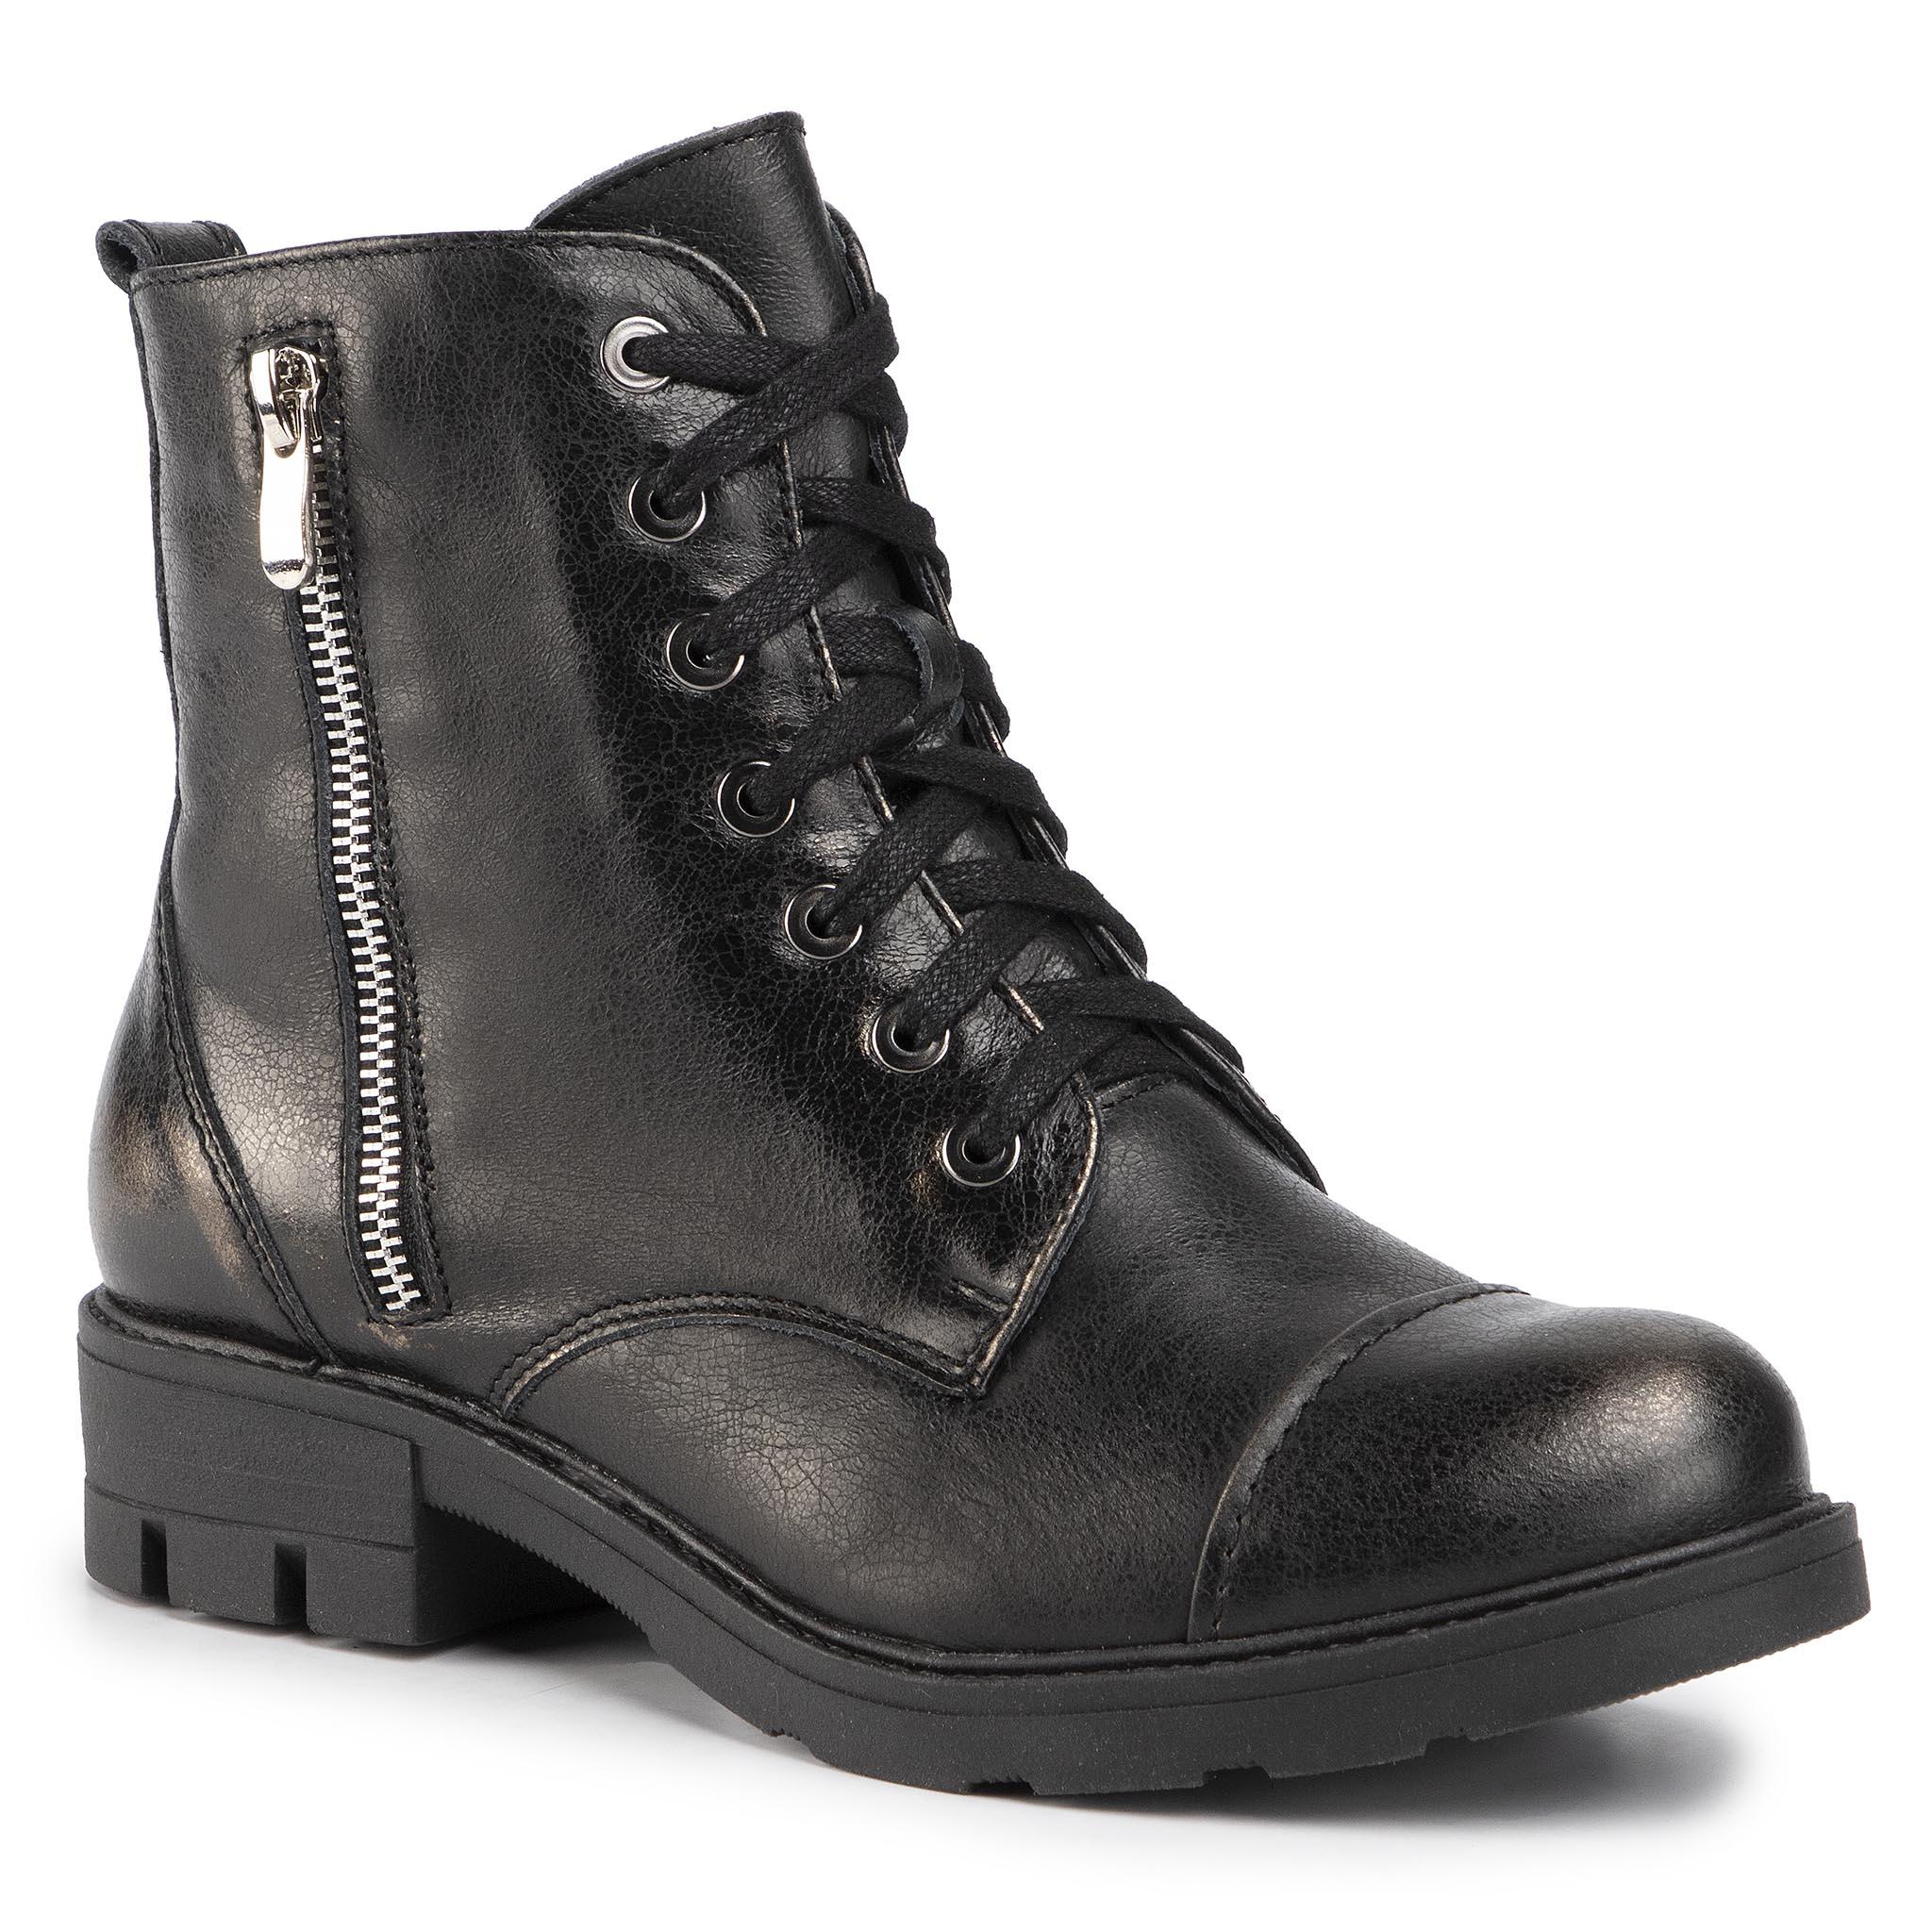 Stilettos LIU JO Lola 16 S19017 P0021 Black 22222